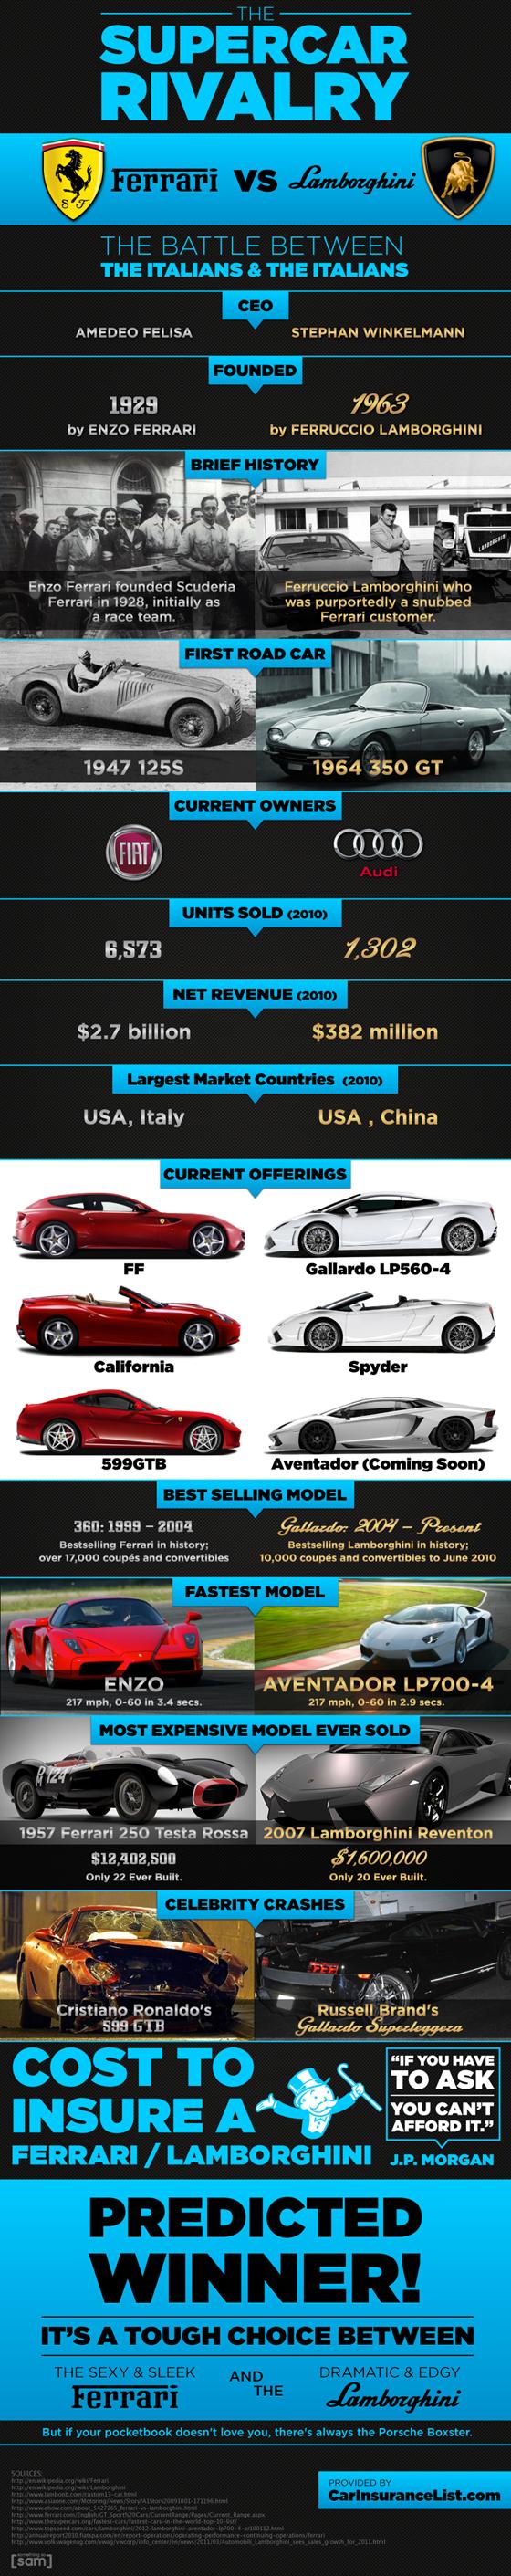 Ferrari vs Lamborghini Supercars